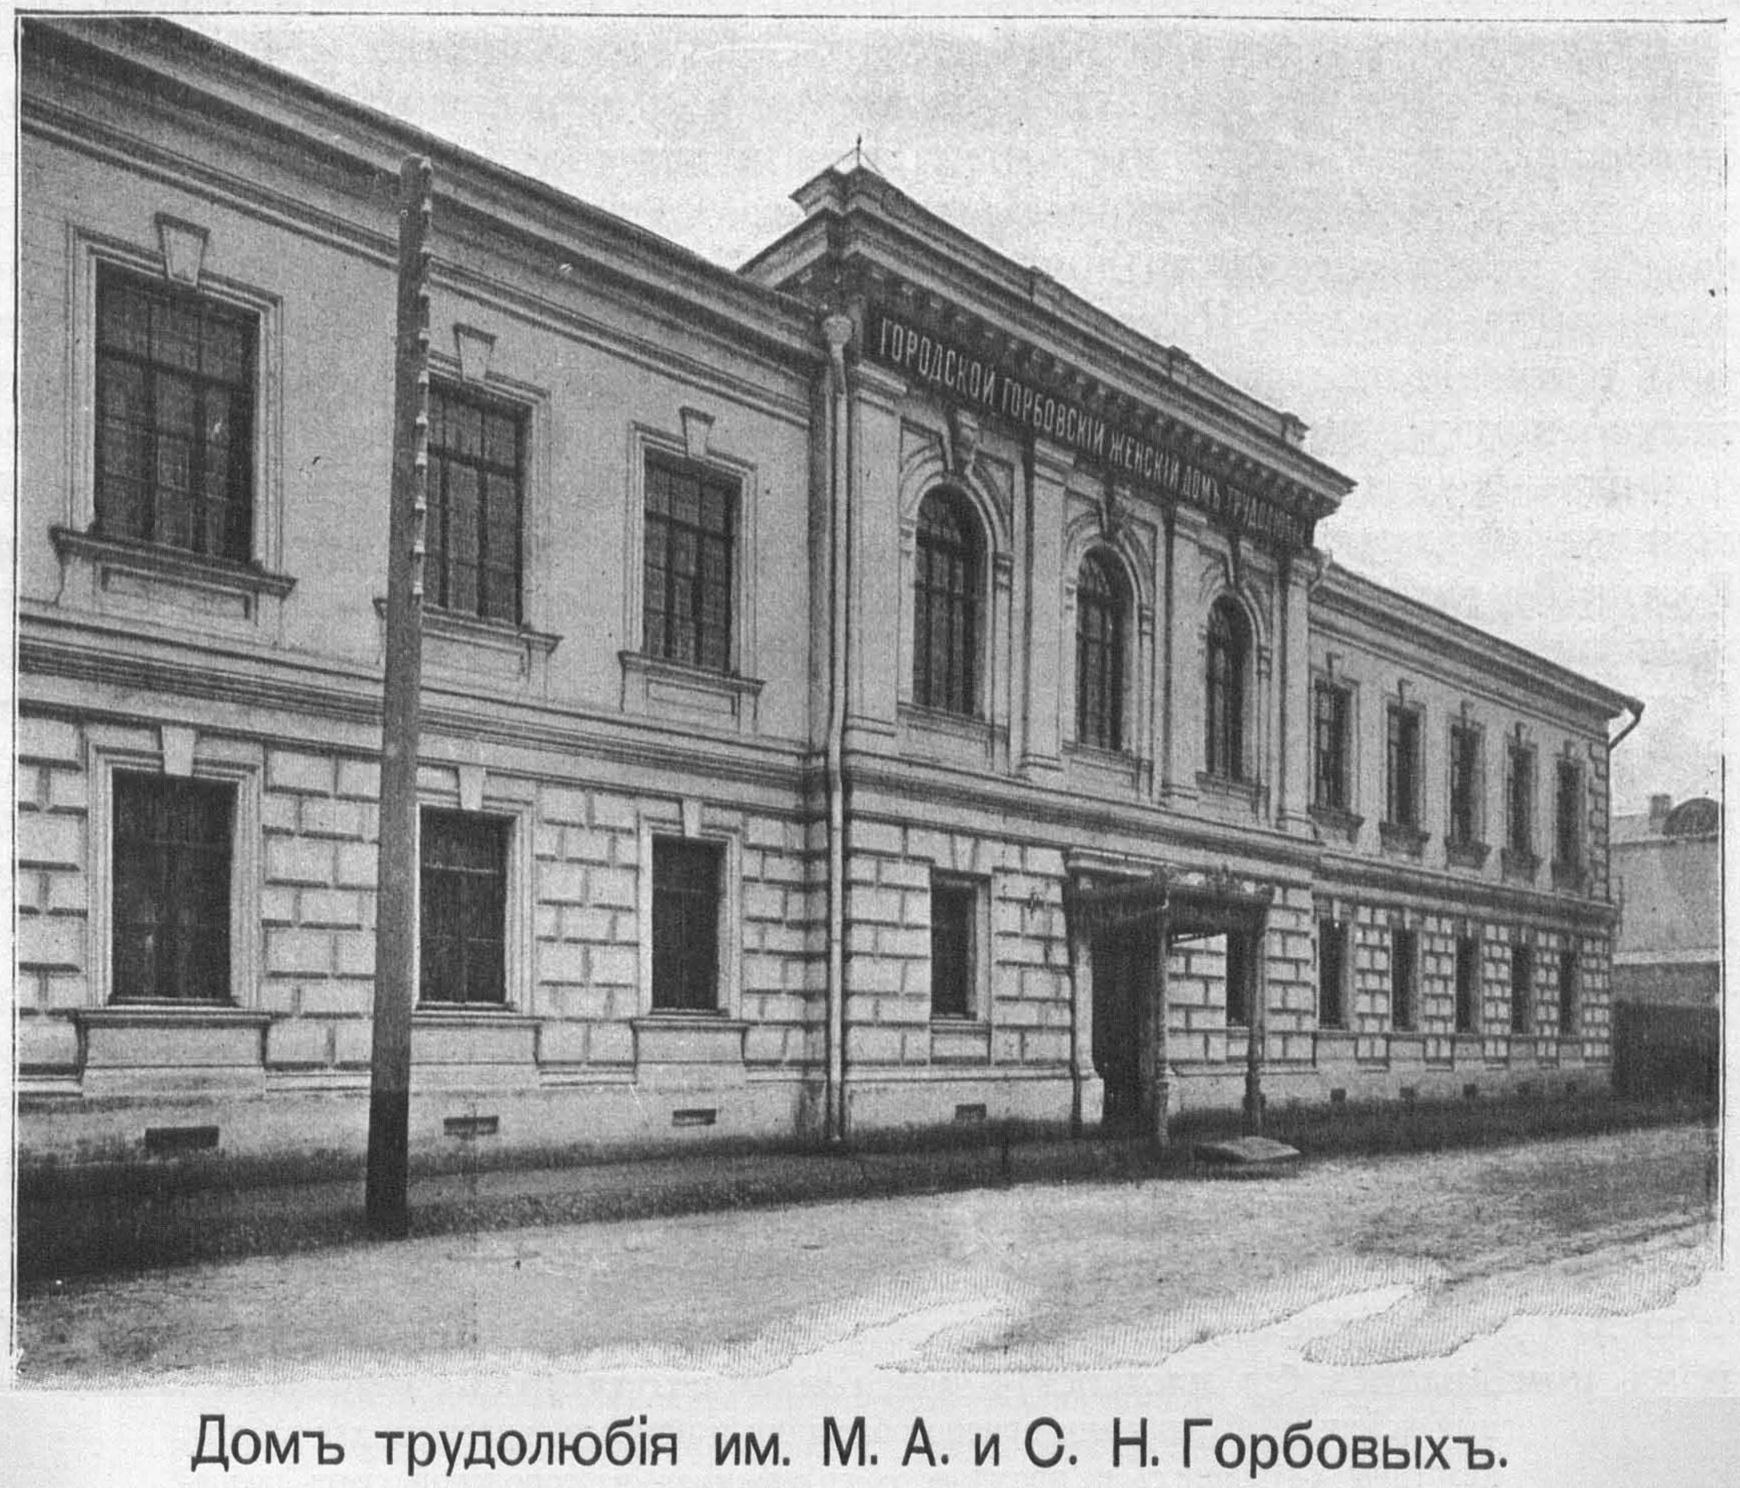 Дом трудолюбия имени М. А. и С. Н. Горбовых